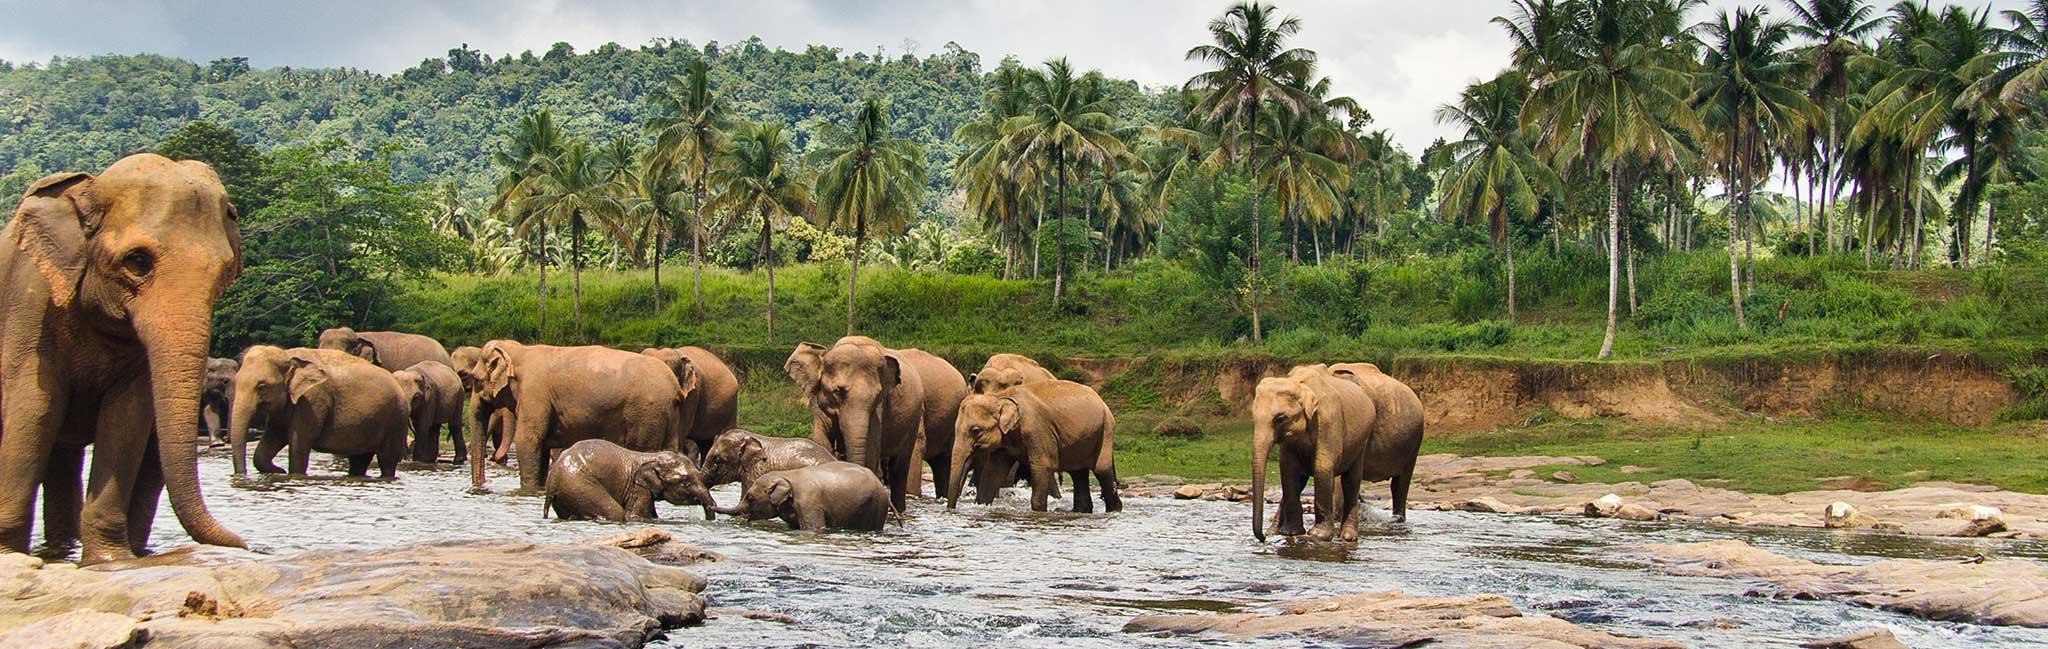 Sri Lanka Tour - Elephant Herd Bathing in Reservoir